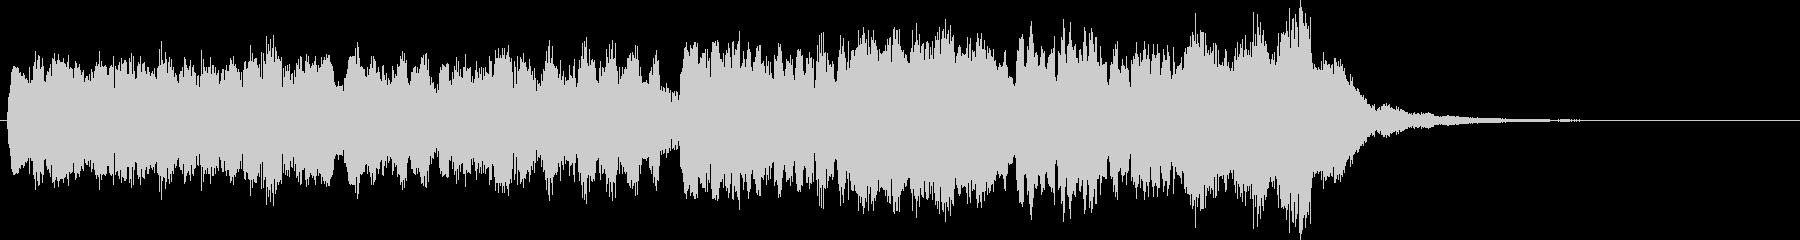 あかるいジングル(チャイム)の未再生の波形